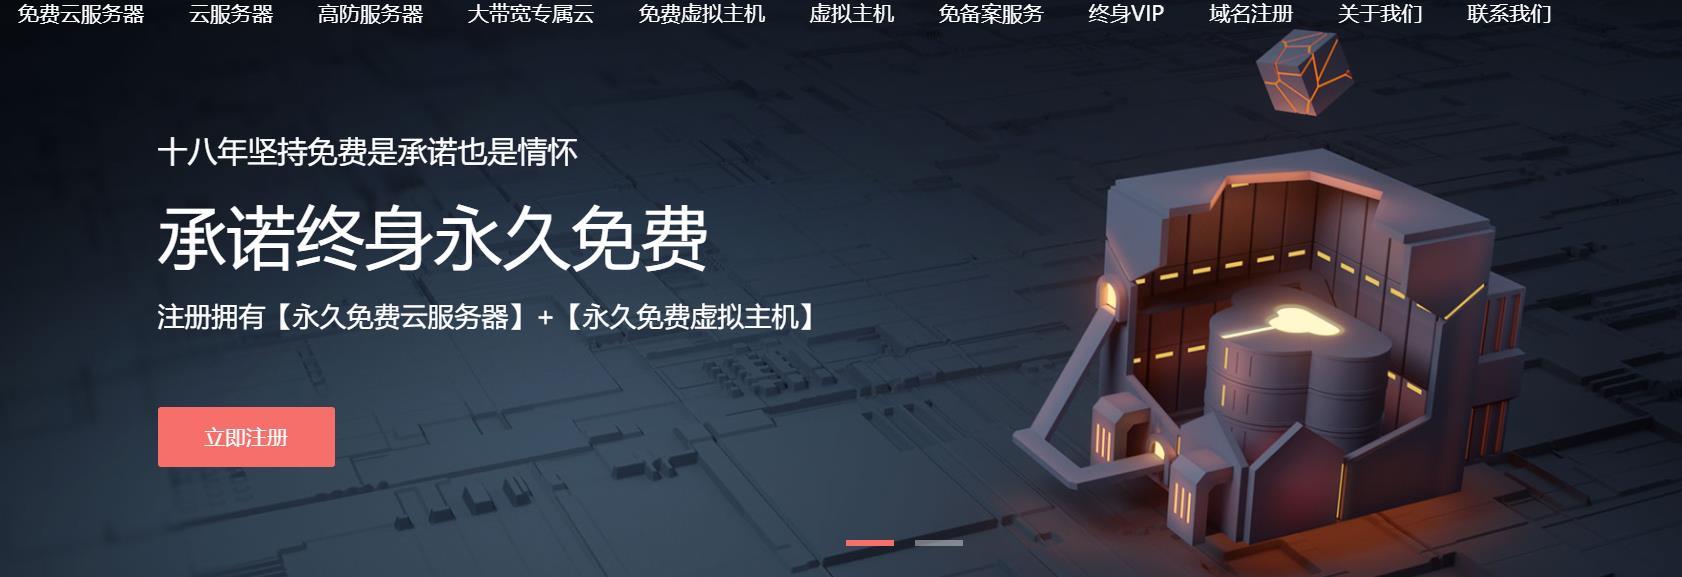 三丰云免费虚拟主机免费云服务器